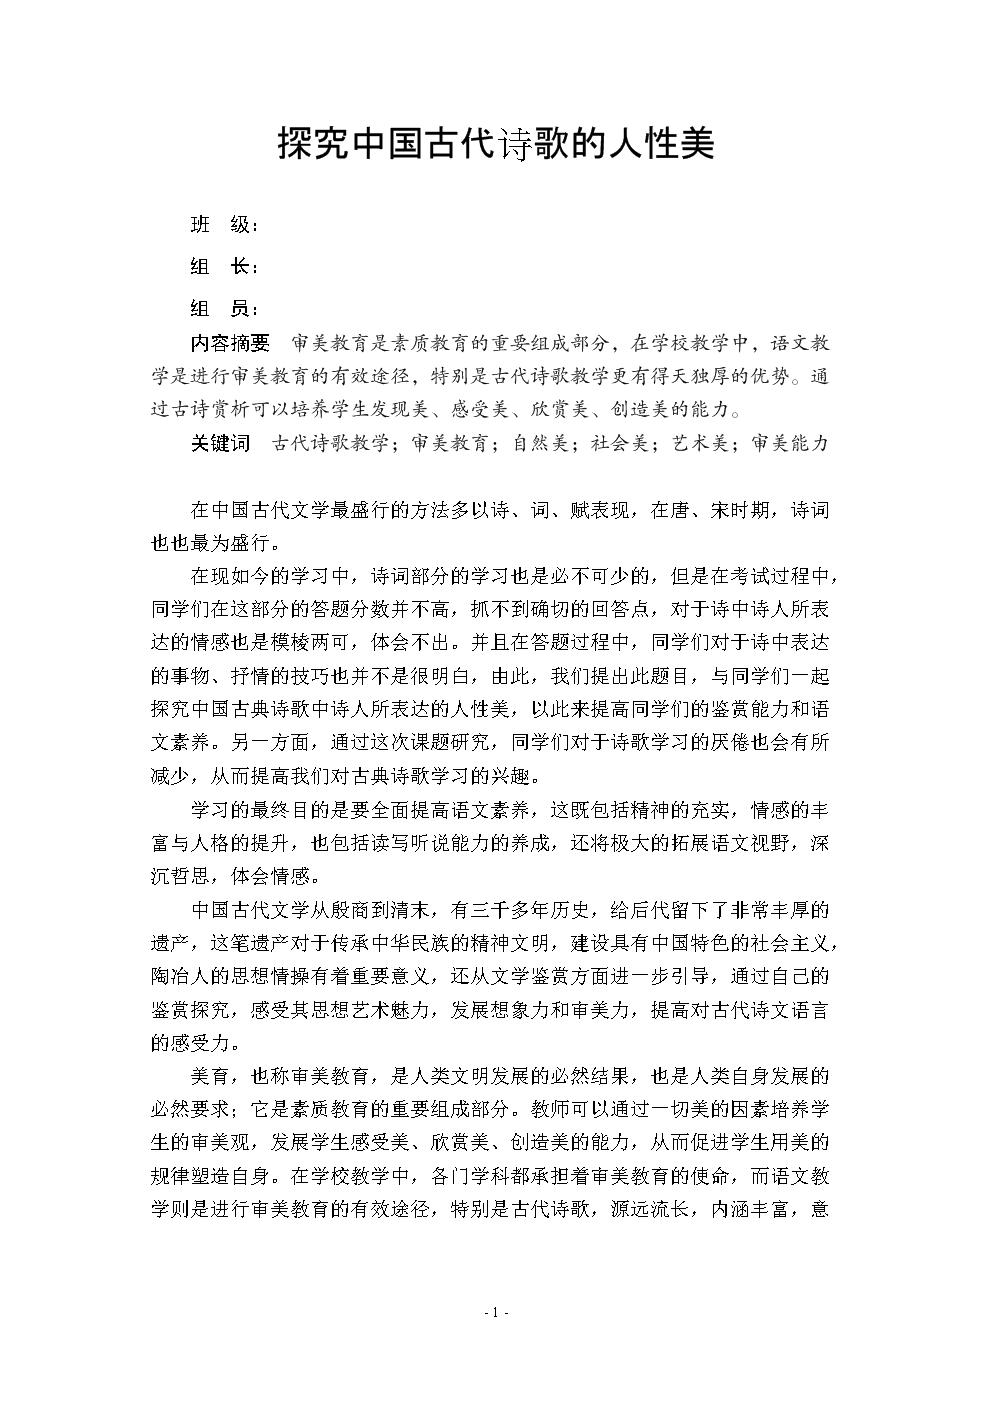 浅谈中国古代诗歌教学中的审美教育.doc